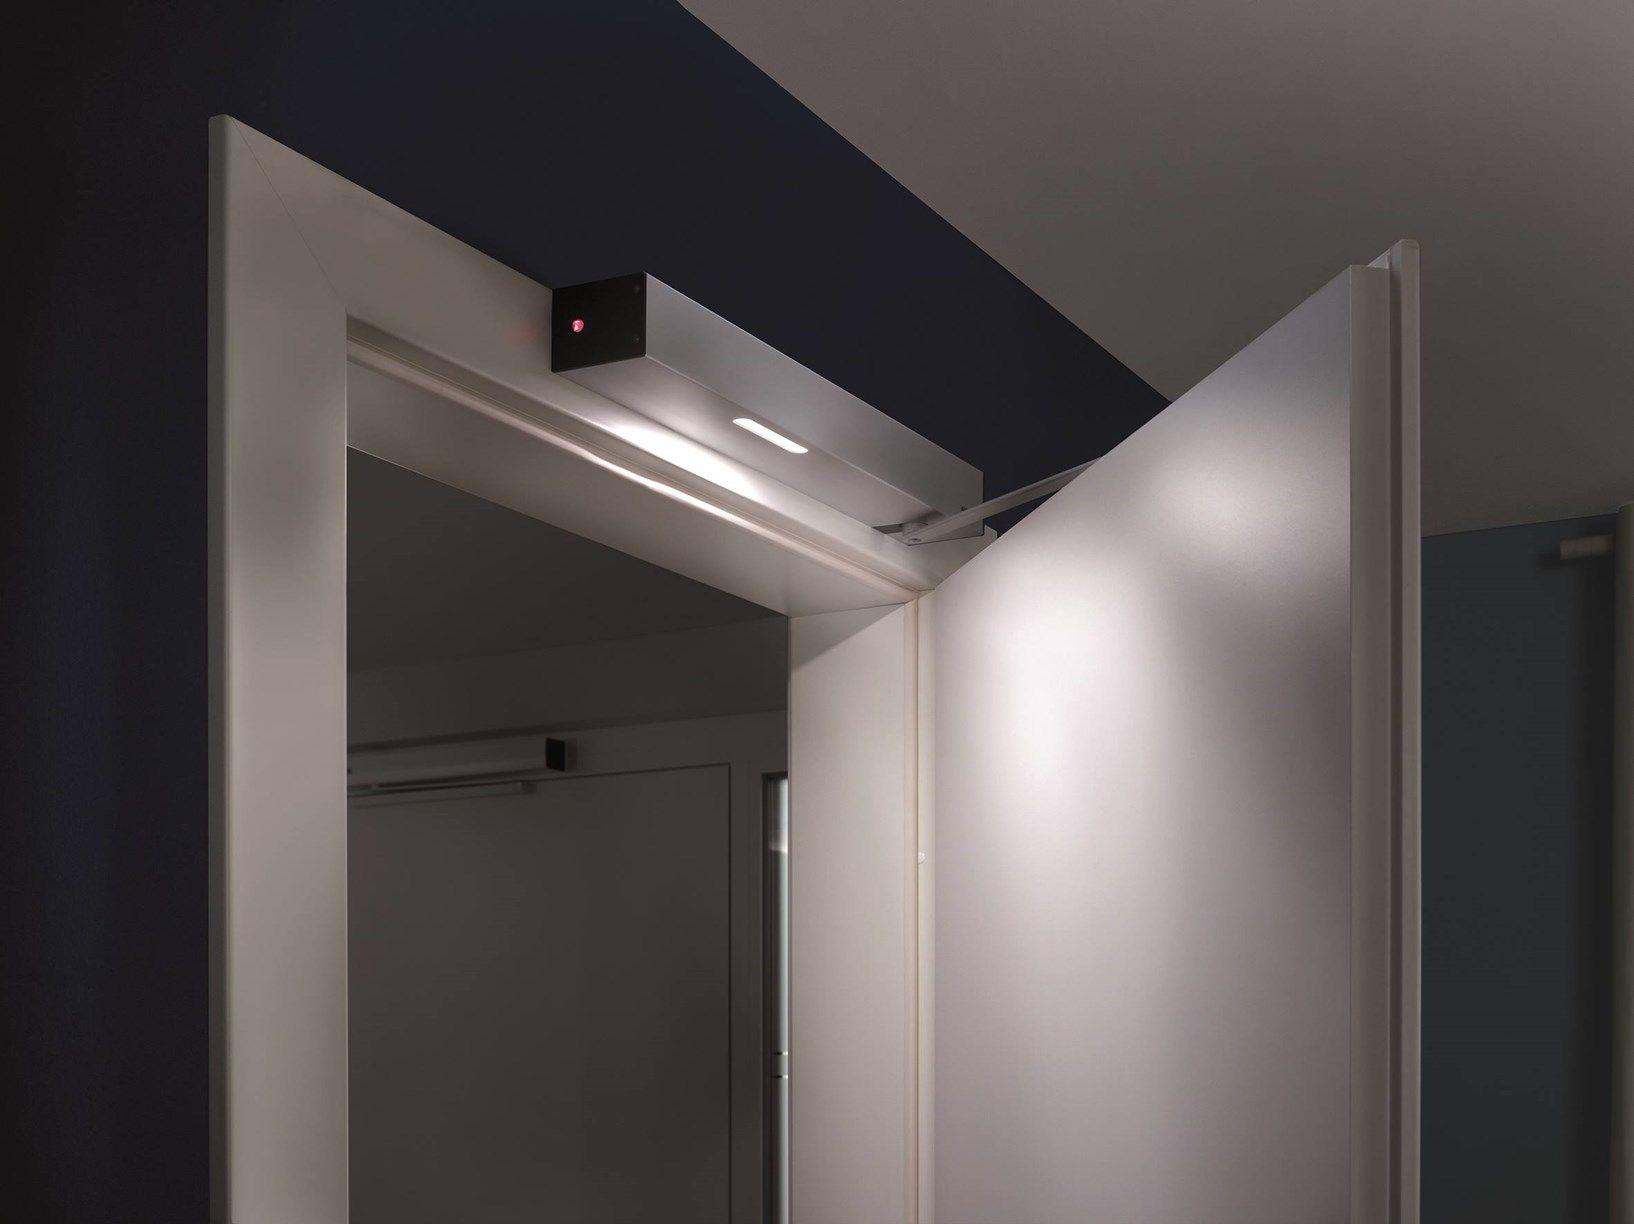 Nuova automazione PortaMatic: più comfort ed igiene per gli ambienti indoor